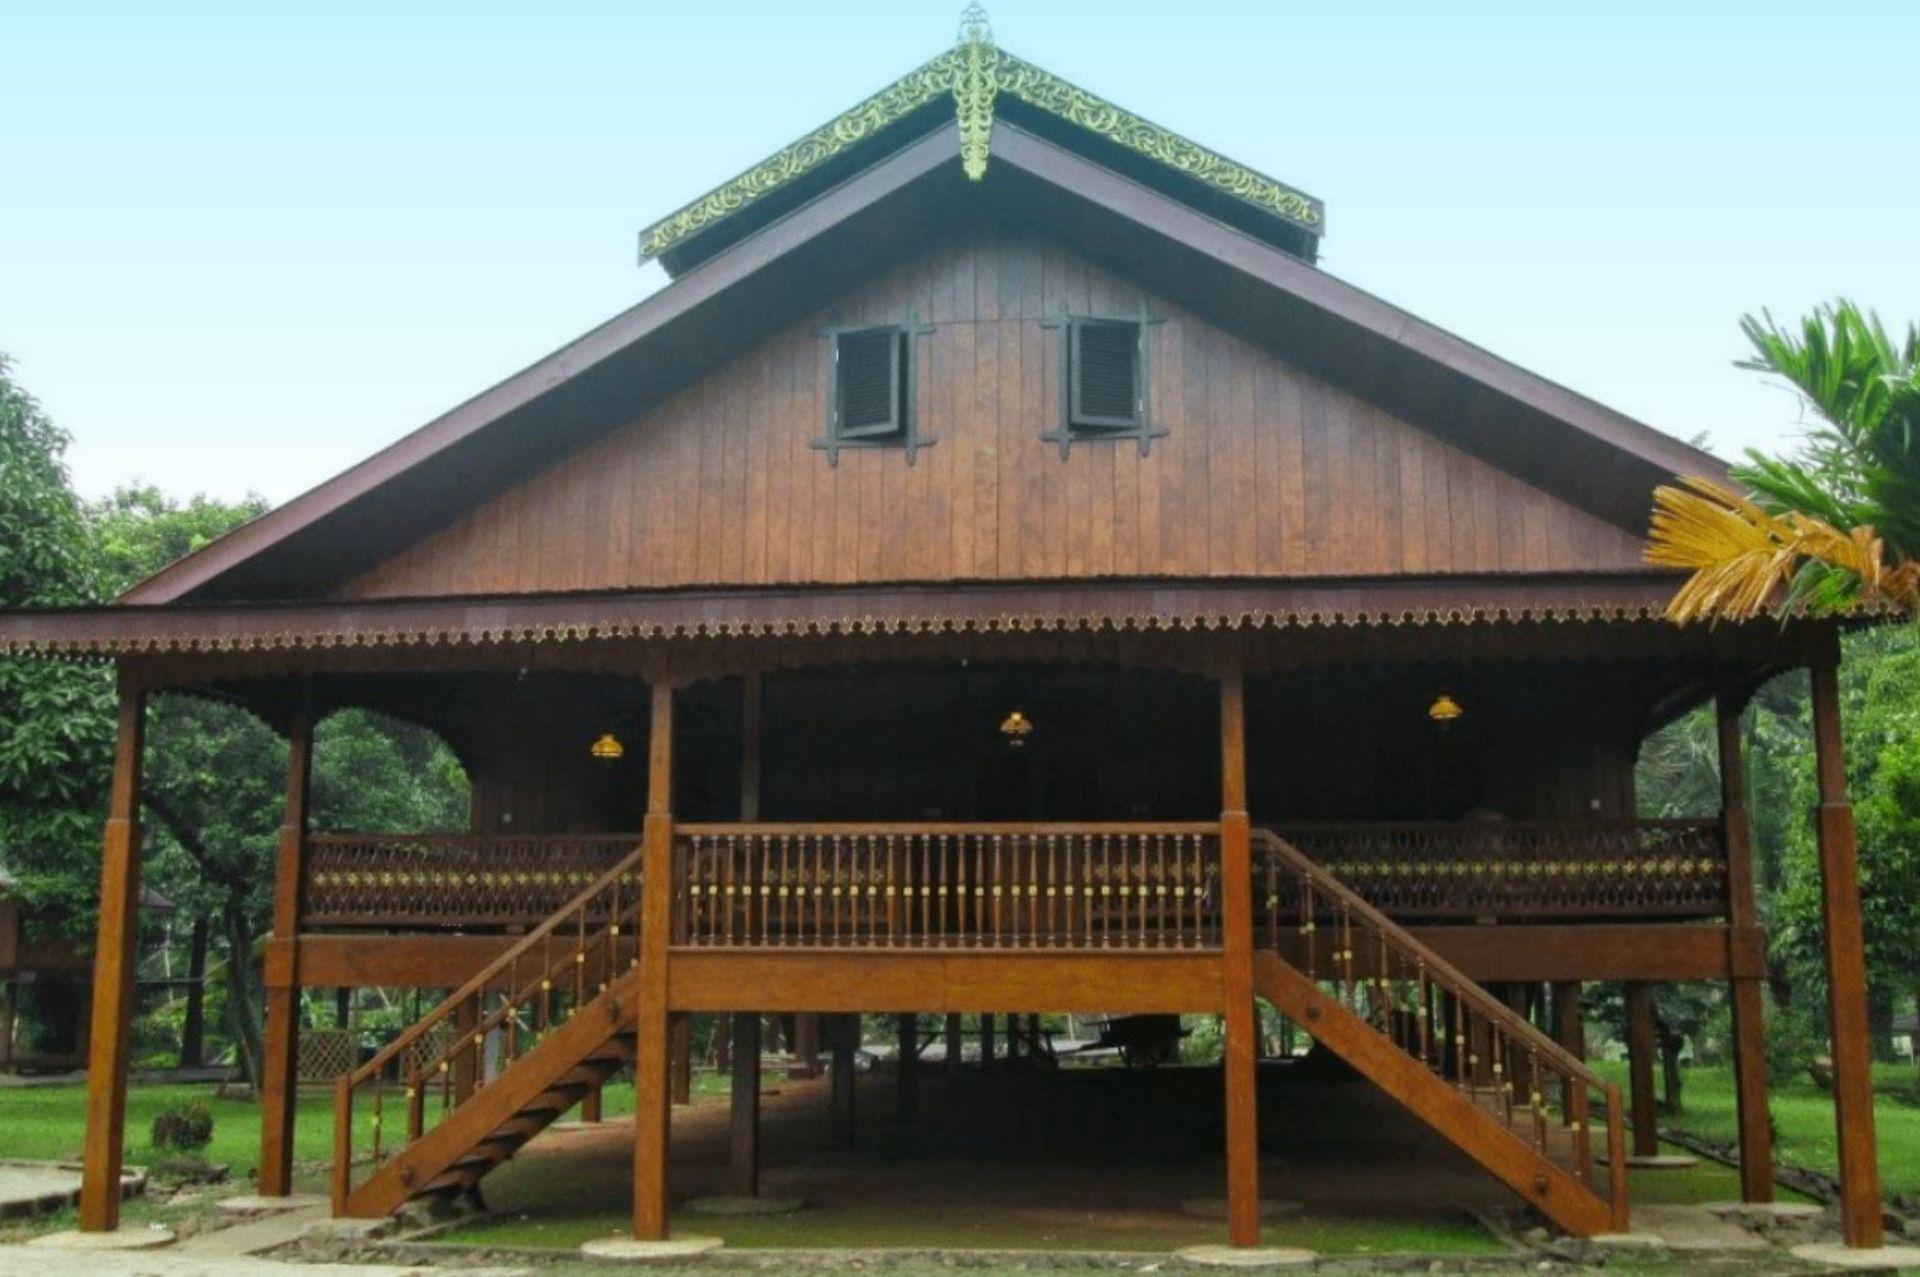 Mengenal Jenis Rumah Adat Gorontalo yang Kaya Akan Nilai Sejarah Islam